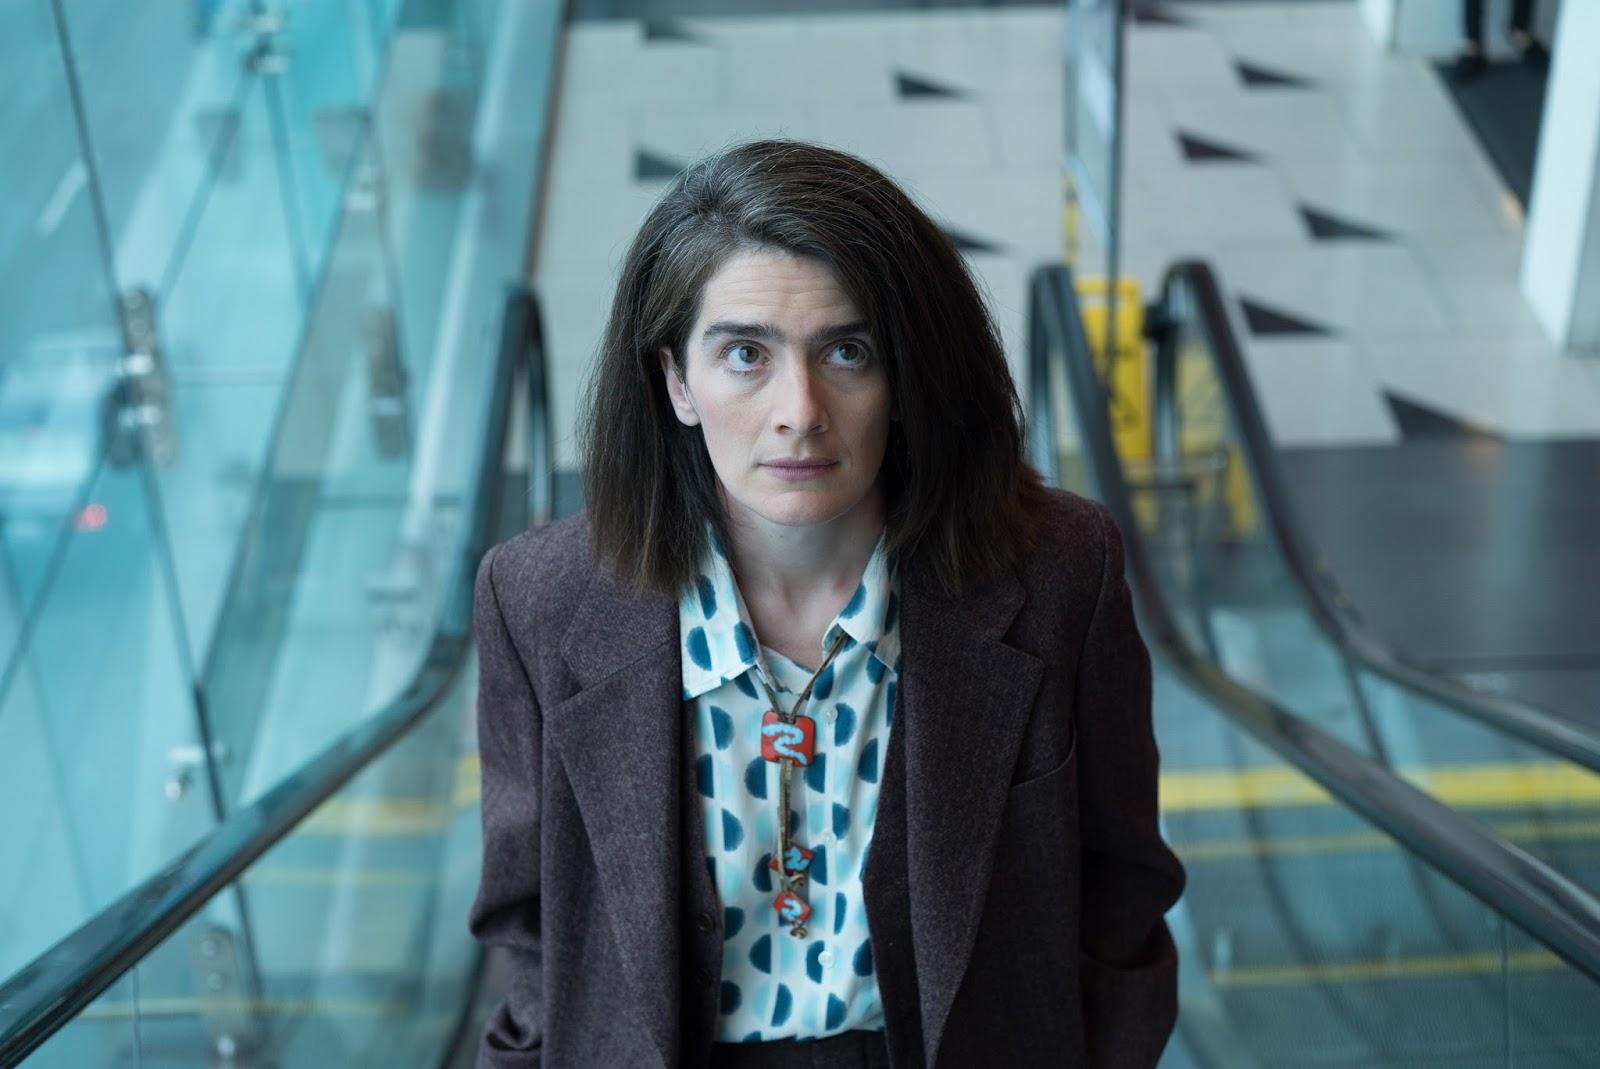 Ali sube por unas escaleras mecánicas en la tercera temporada de Transparent